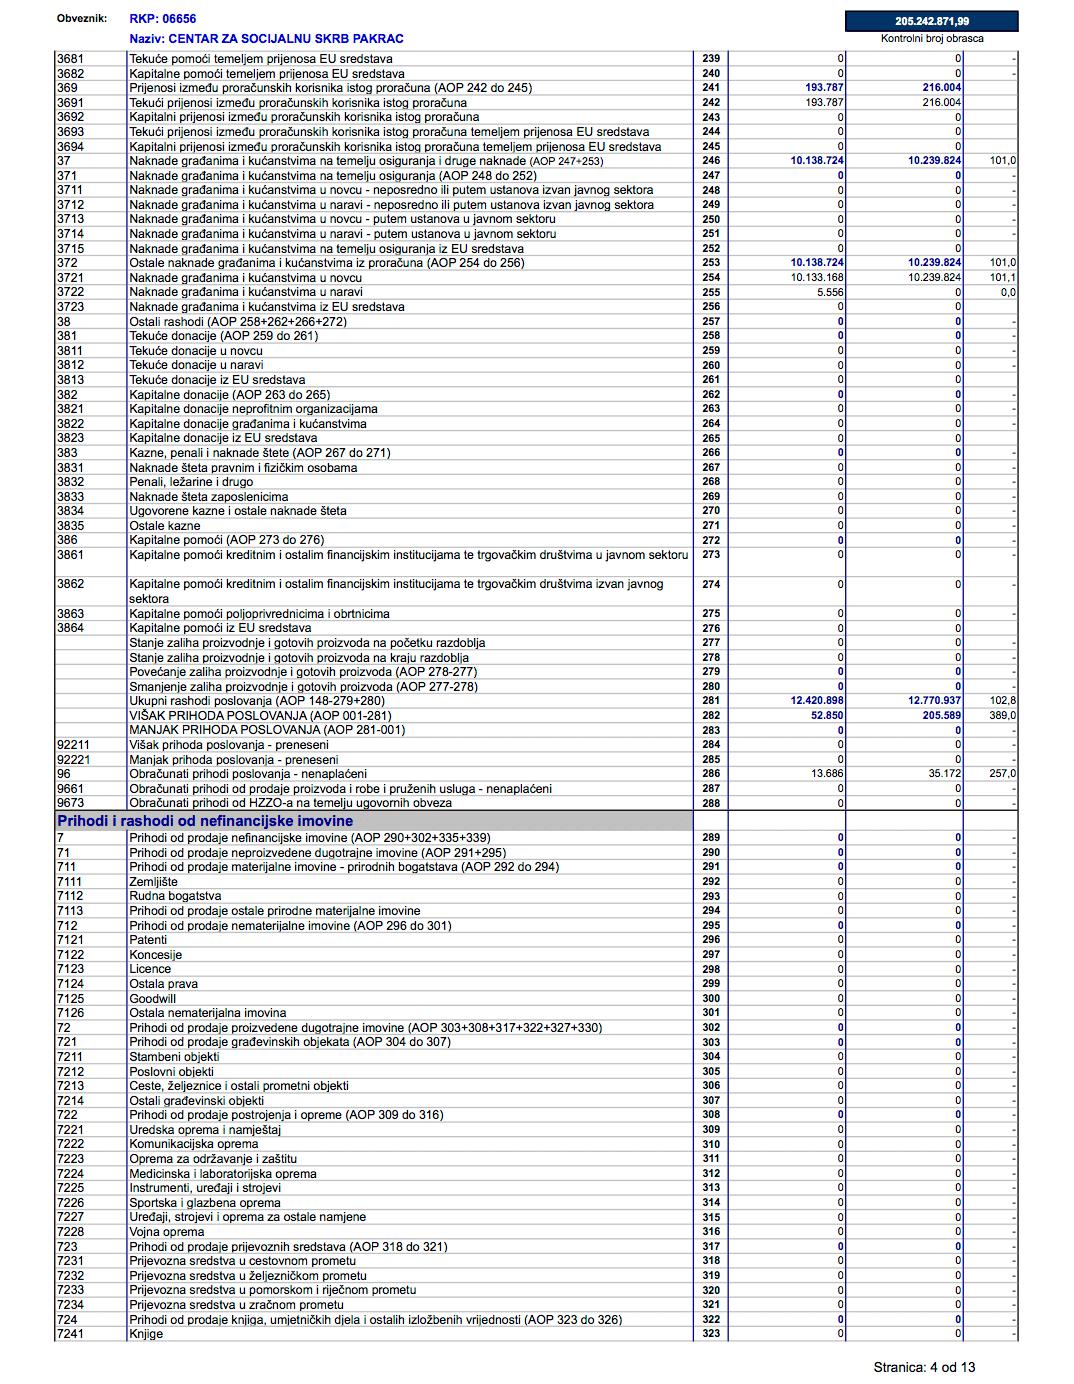 Izvještaj Centra o prihodima i rashodima, primicima i izdacima za 2019. godinu - stranica 4